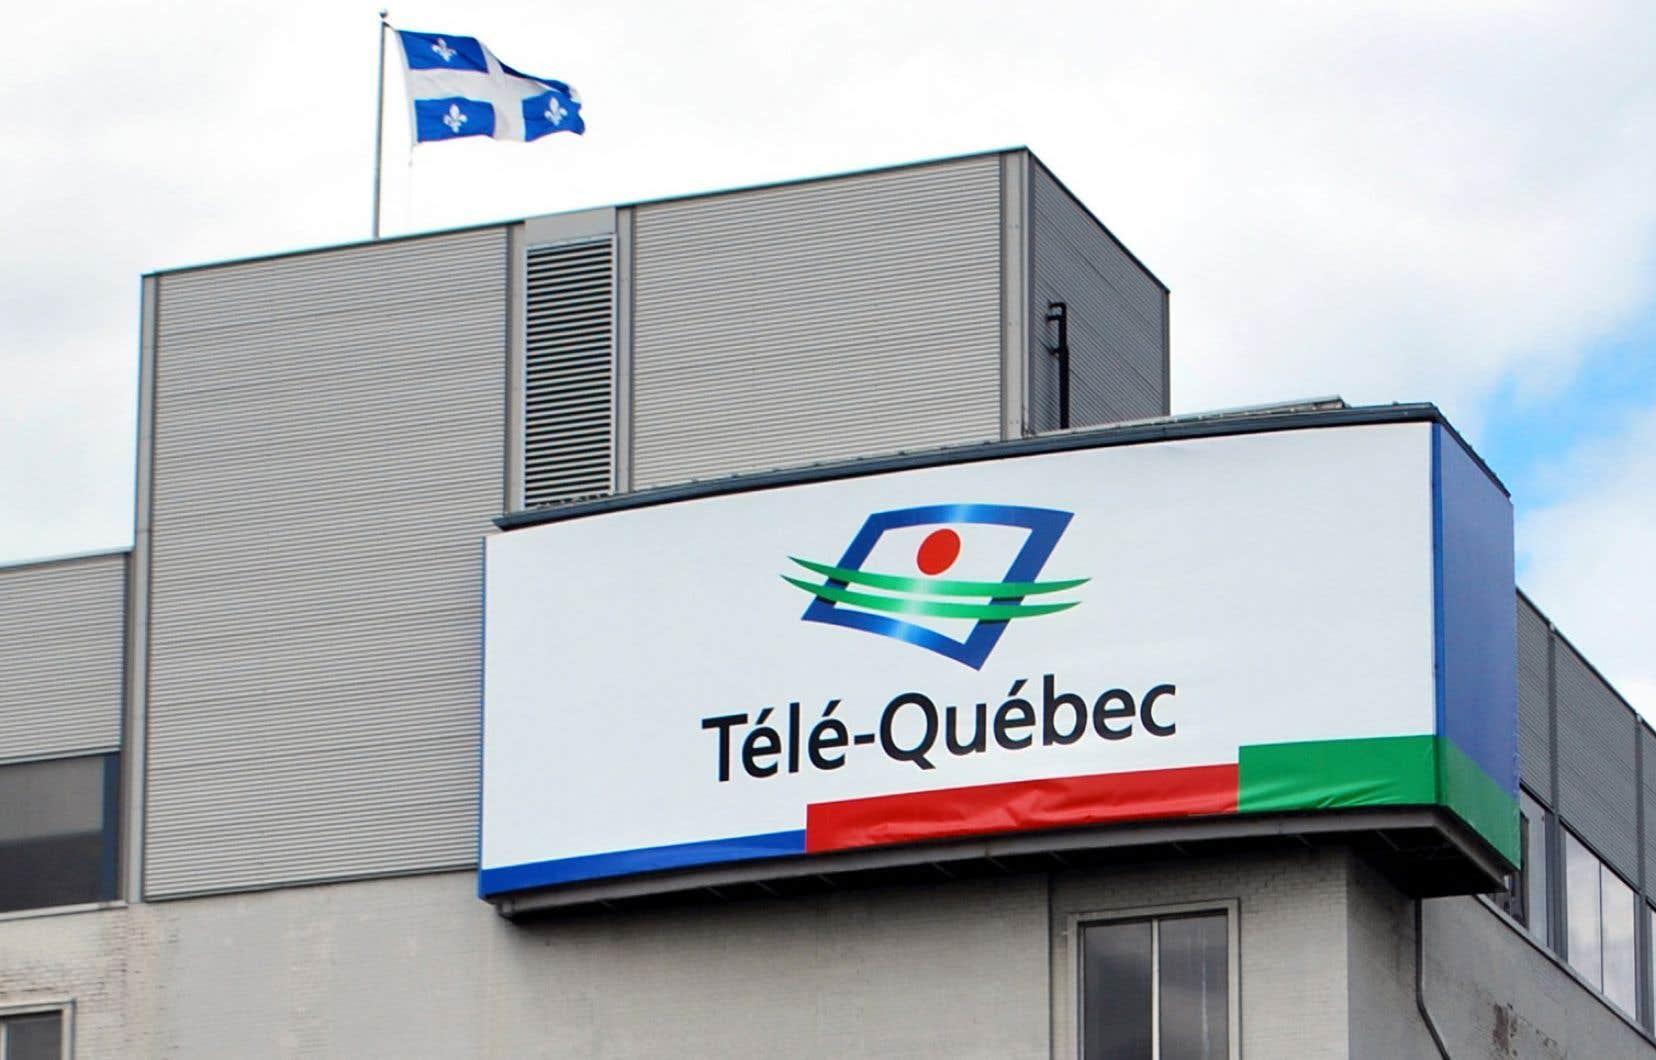 Le mandat de Télé-Québec est d'offrir une «télédiffusion éducative et culturelle, […] dedévelopper le goût du savoir, de favoriser l'acquisition de connaissances […] et de refléter […] la diversité de la société québécoise».